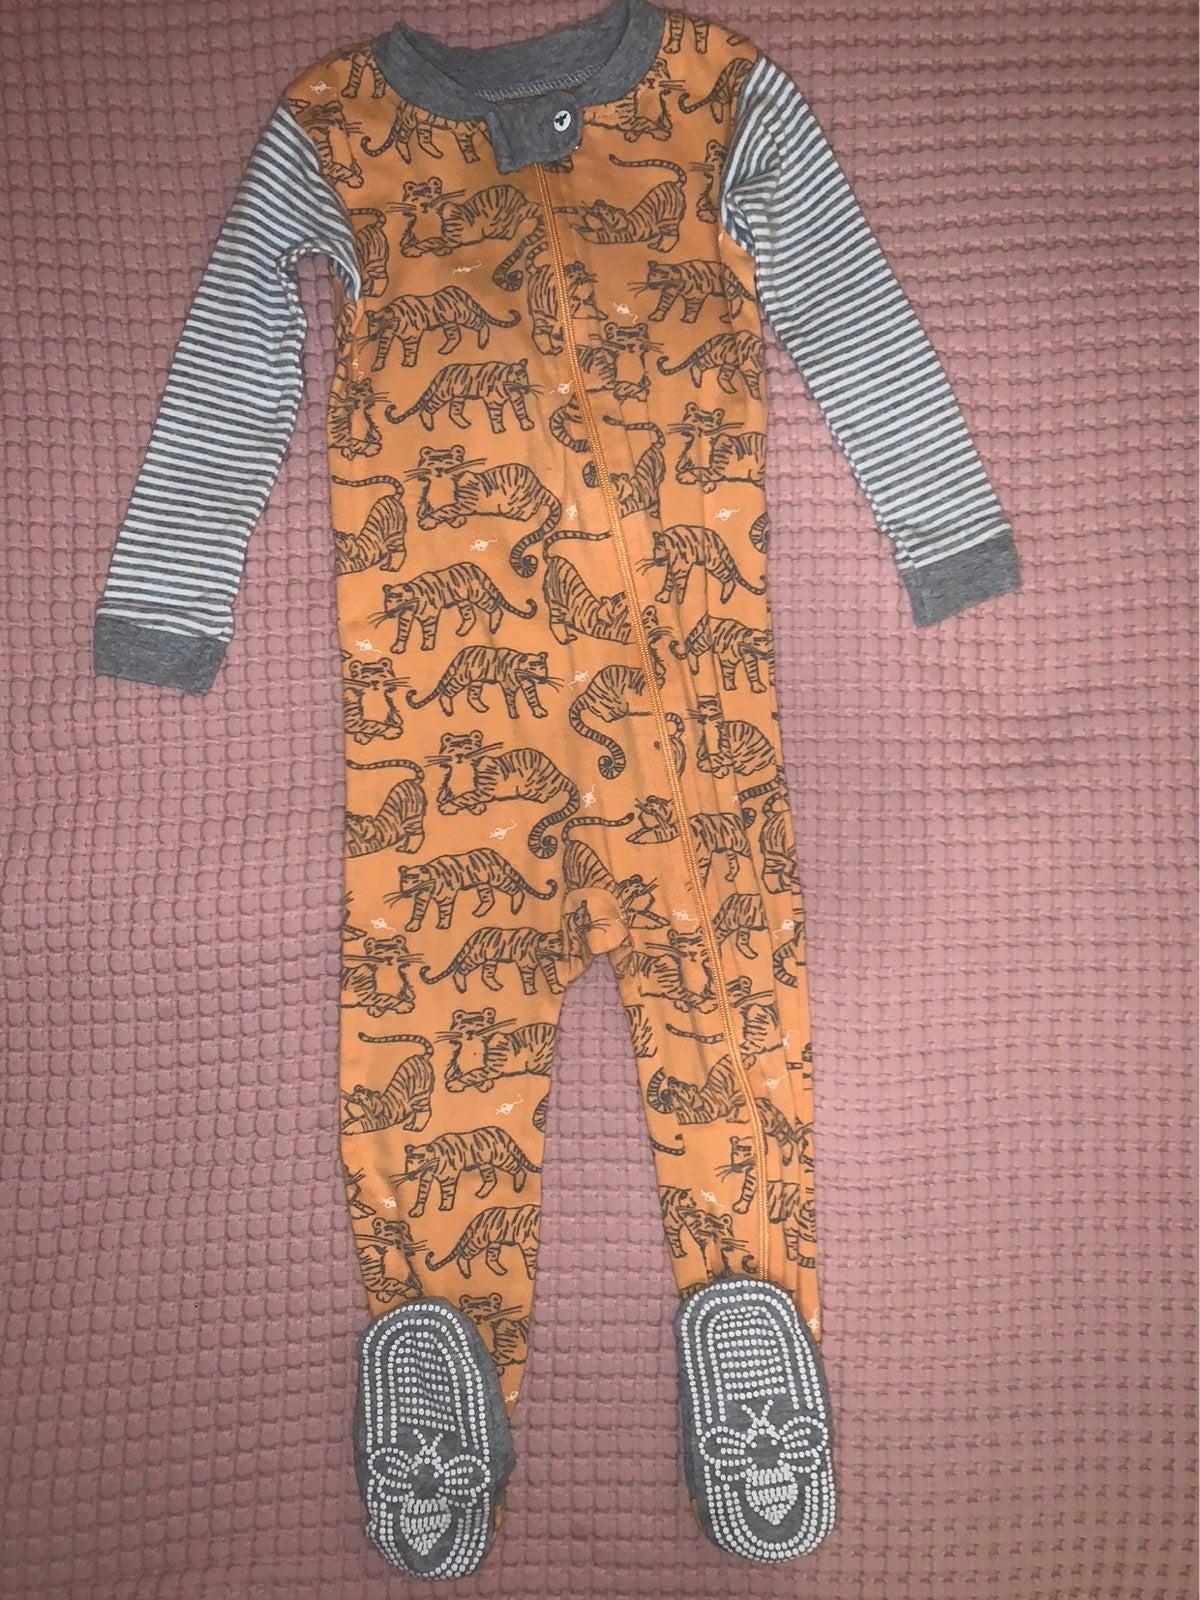 Burts Bees Tiger Pajamas Size 18 Months